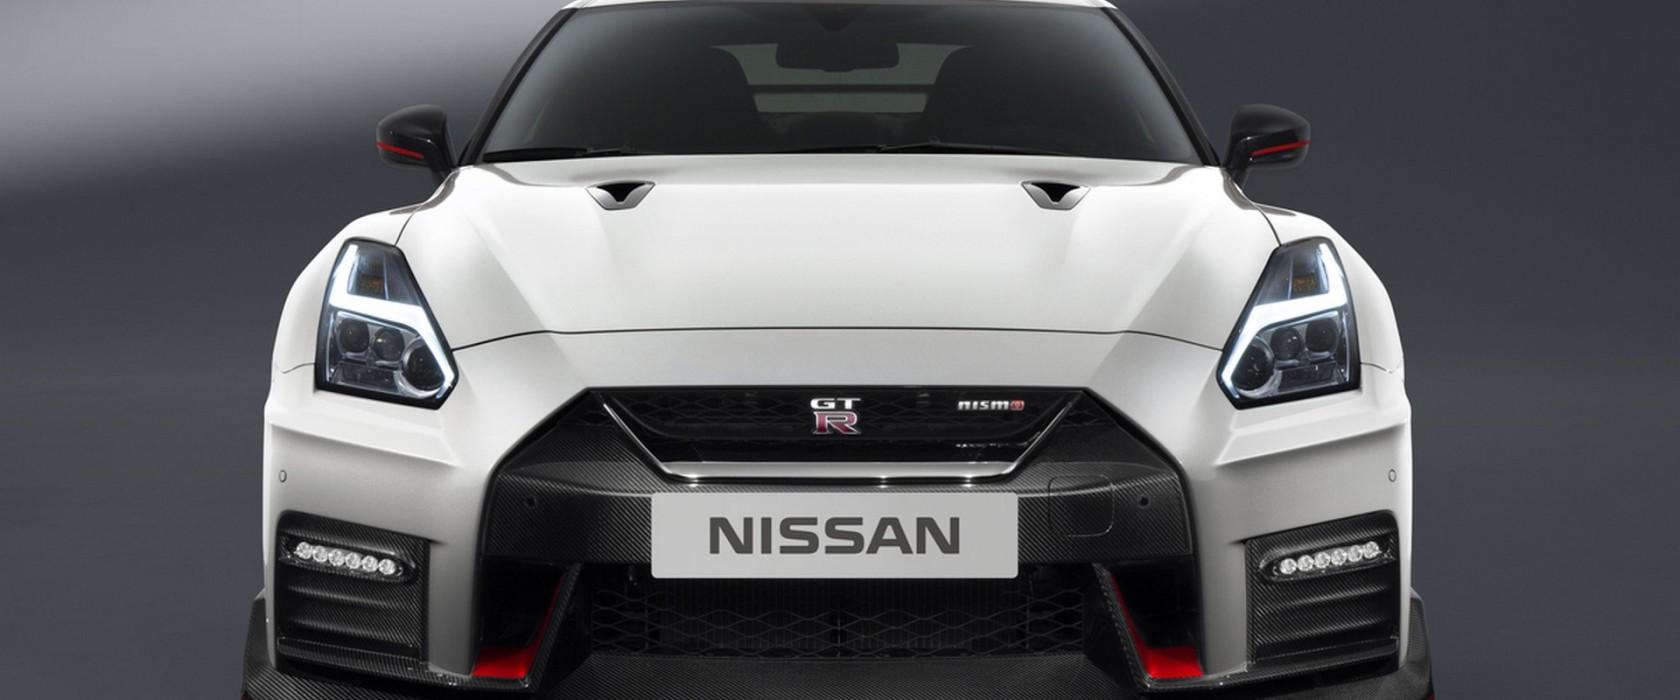 NissanGTR2017Nismo-apertura